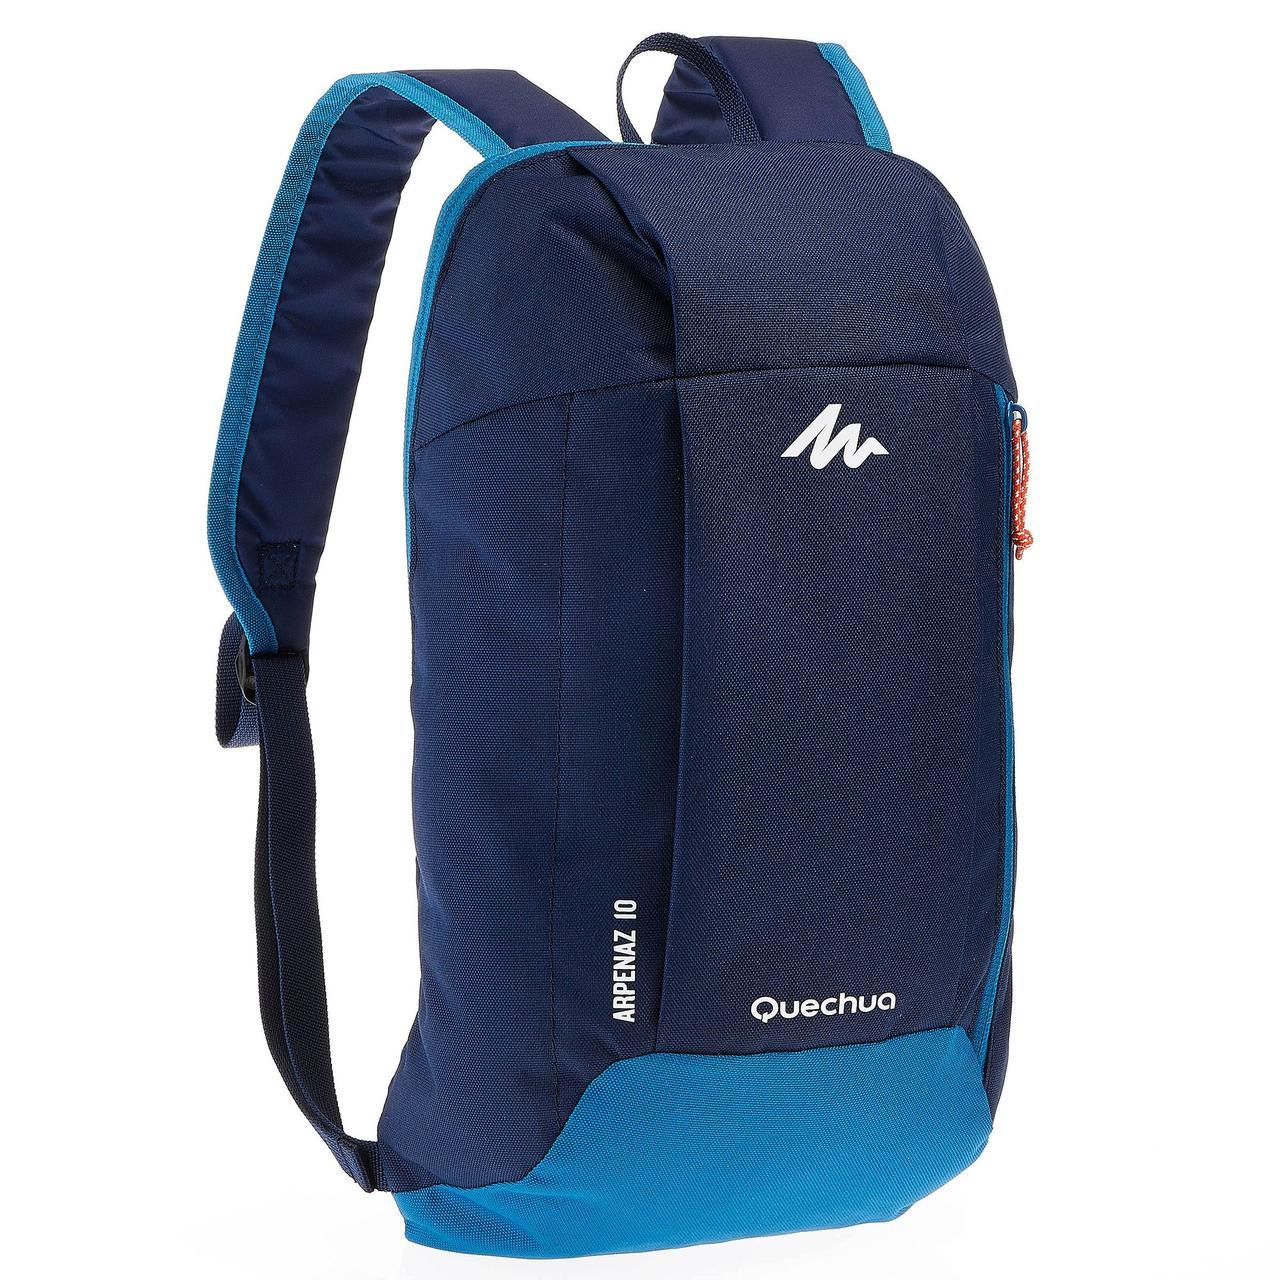 ac329bc0829e Городской рюкзак Quechua 10л. синий с голубым (рюкзак для спорта, спортивные  рюкзаки,